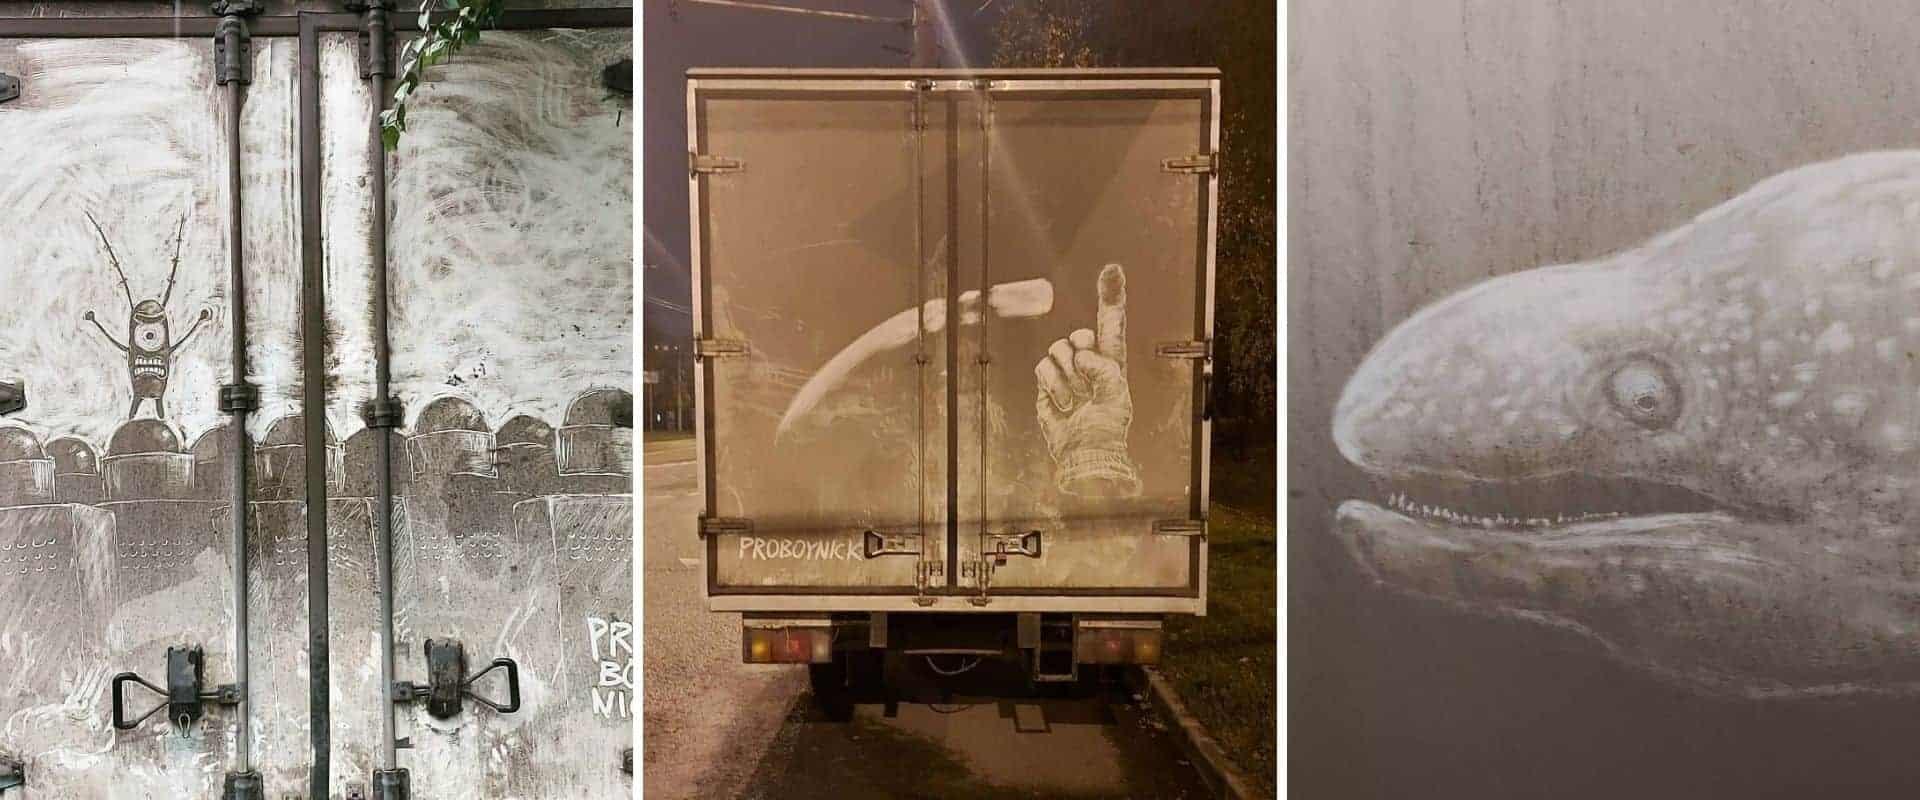 Este artista transforma la suciedad de los vehículos en increíbles obras de arte